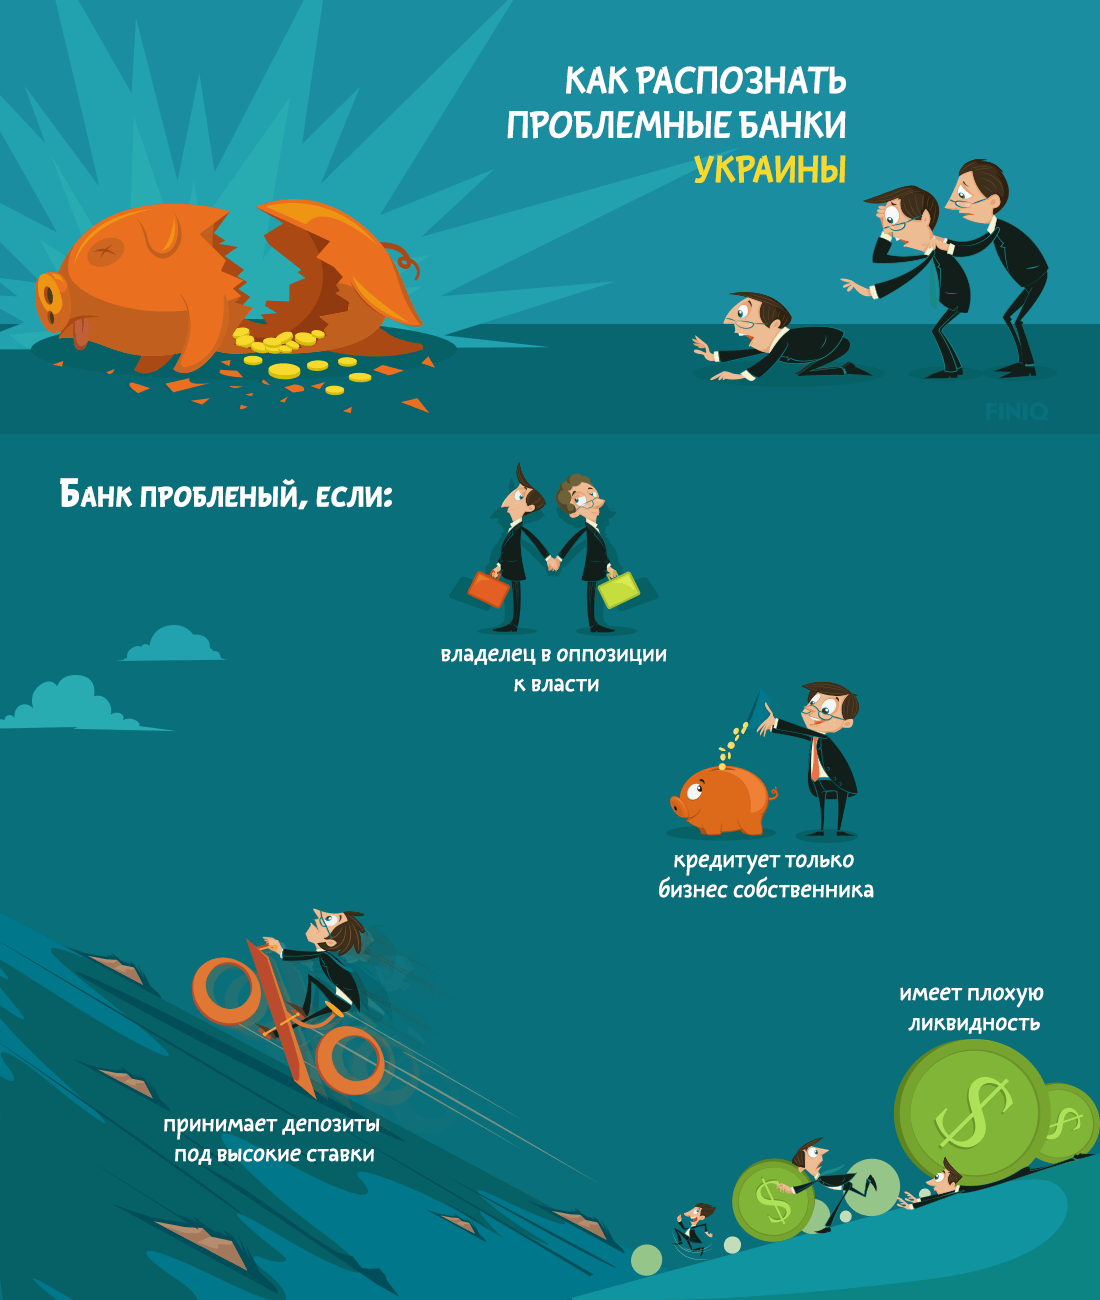 Как распознать проблемный банк